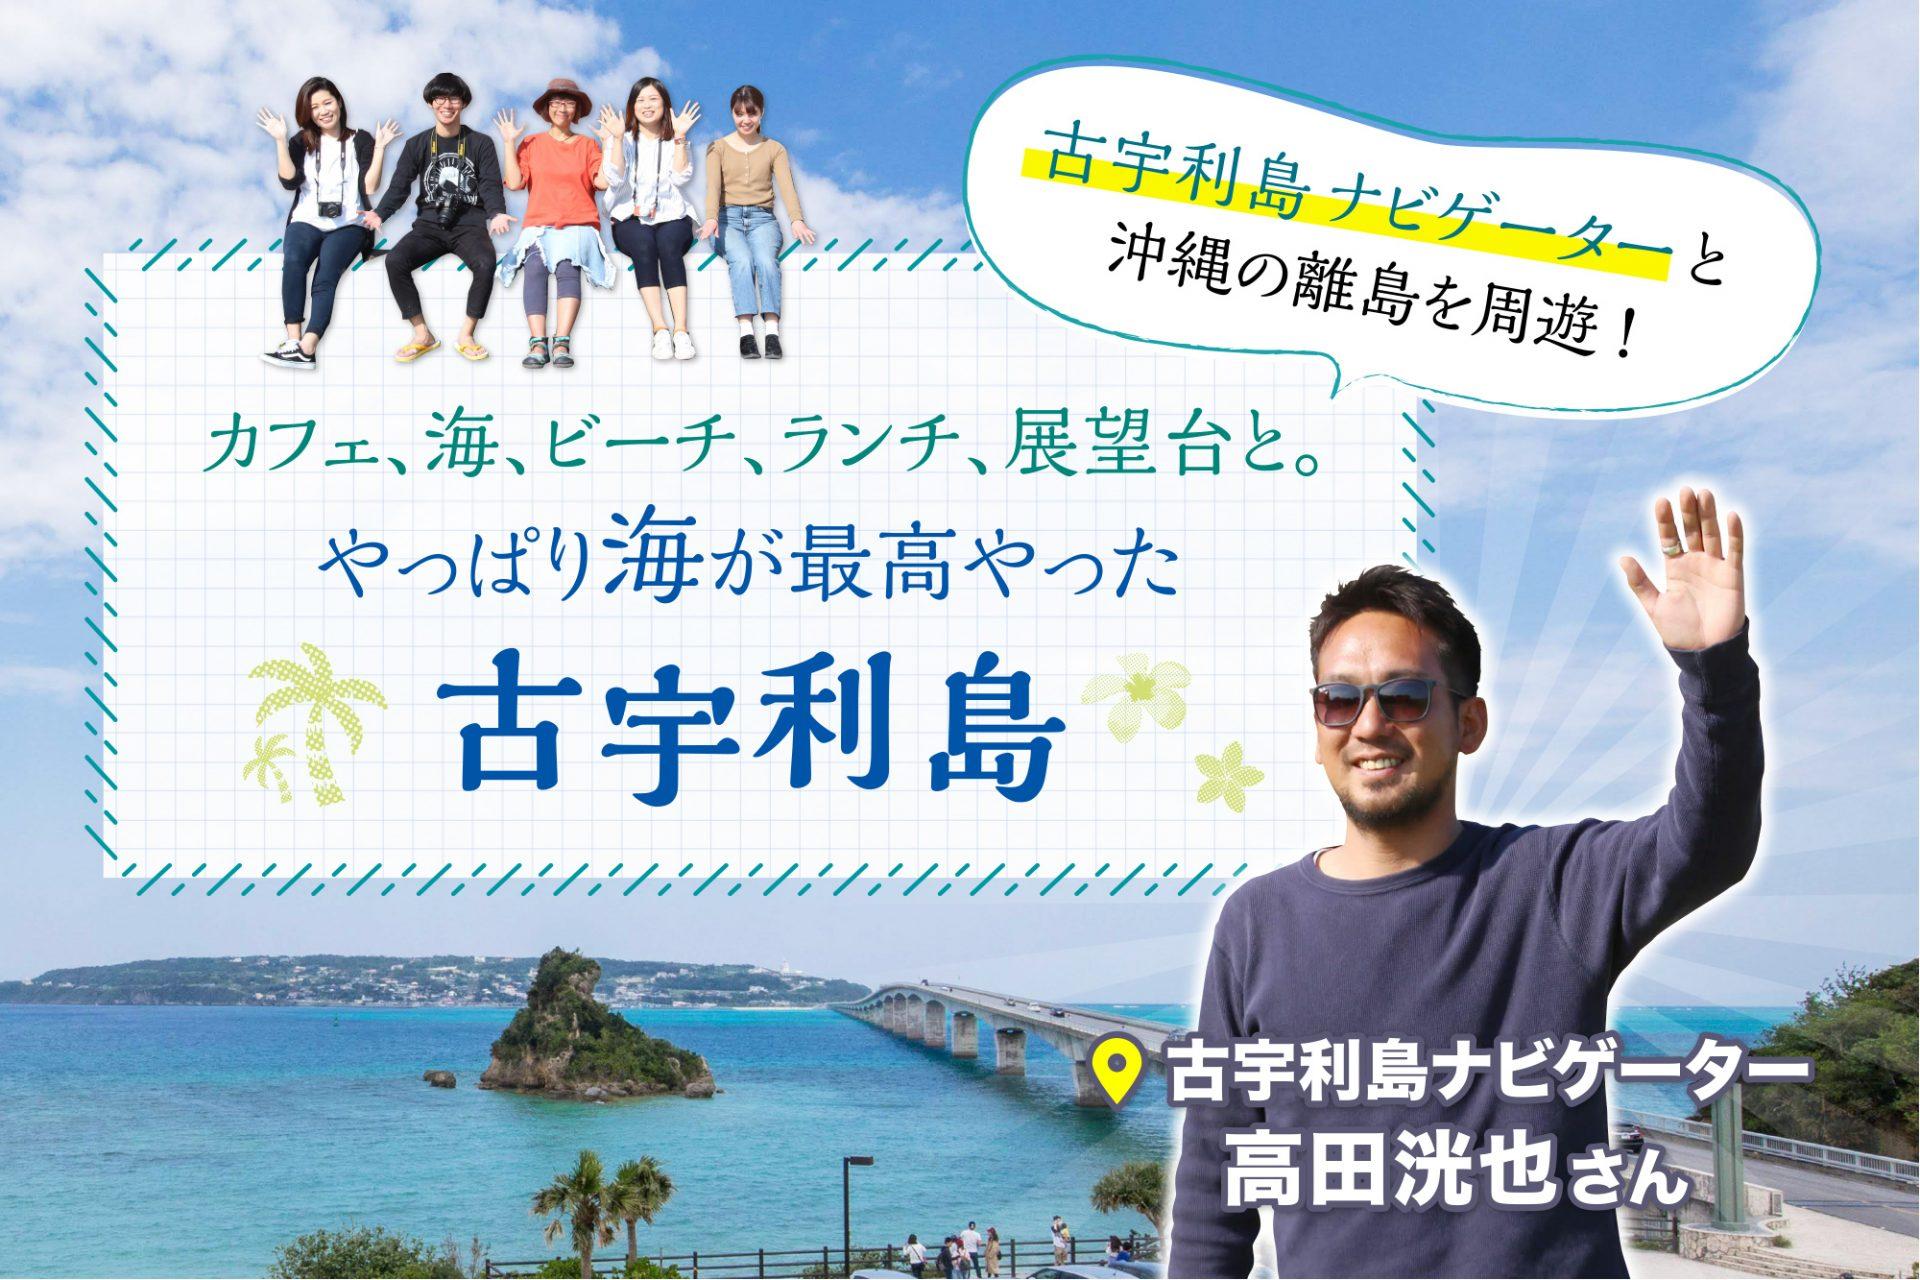 古宇利島ナビゲーターと沖縄の離島を周遊!カフェ、海、ビーチ、ランチ、展望台と。やっぱり海が最高やった古宇利島